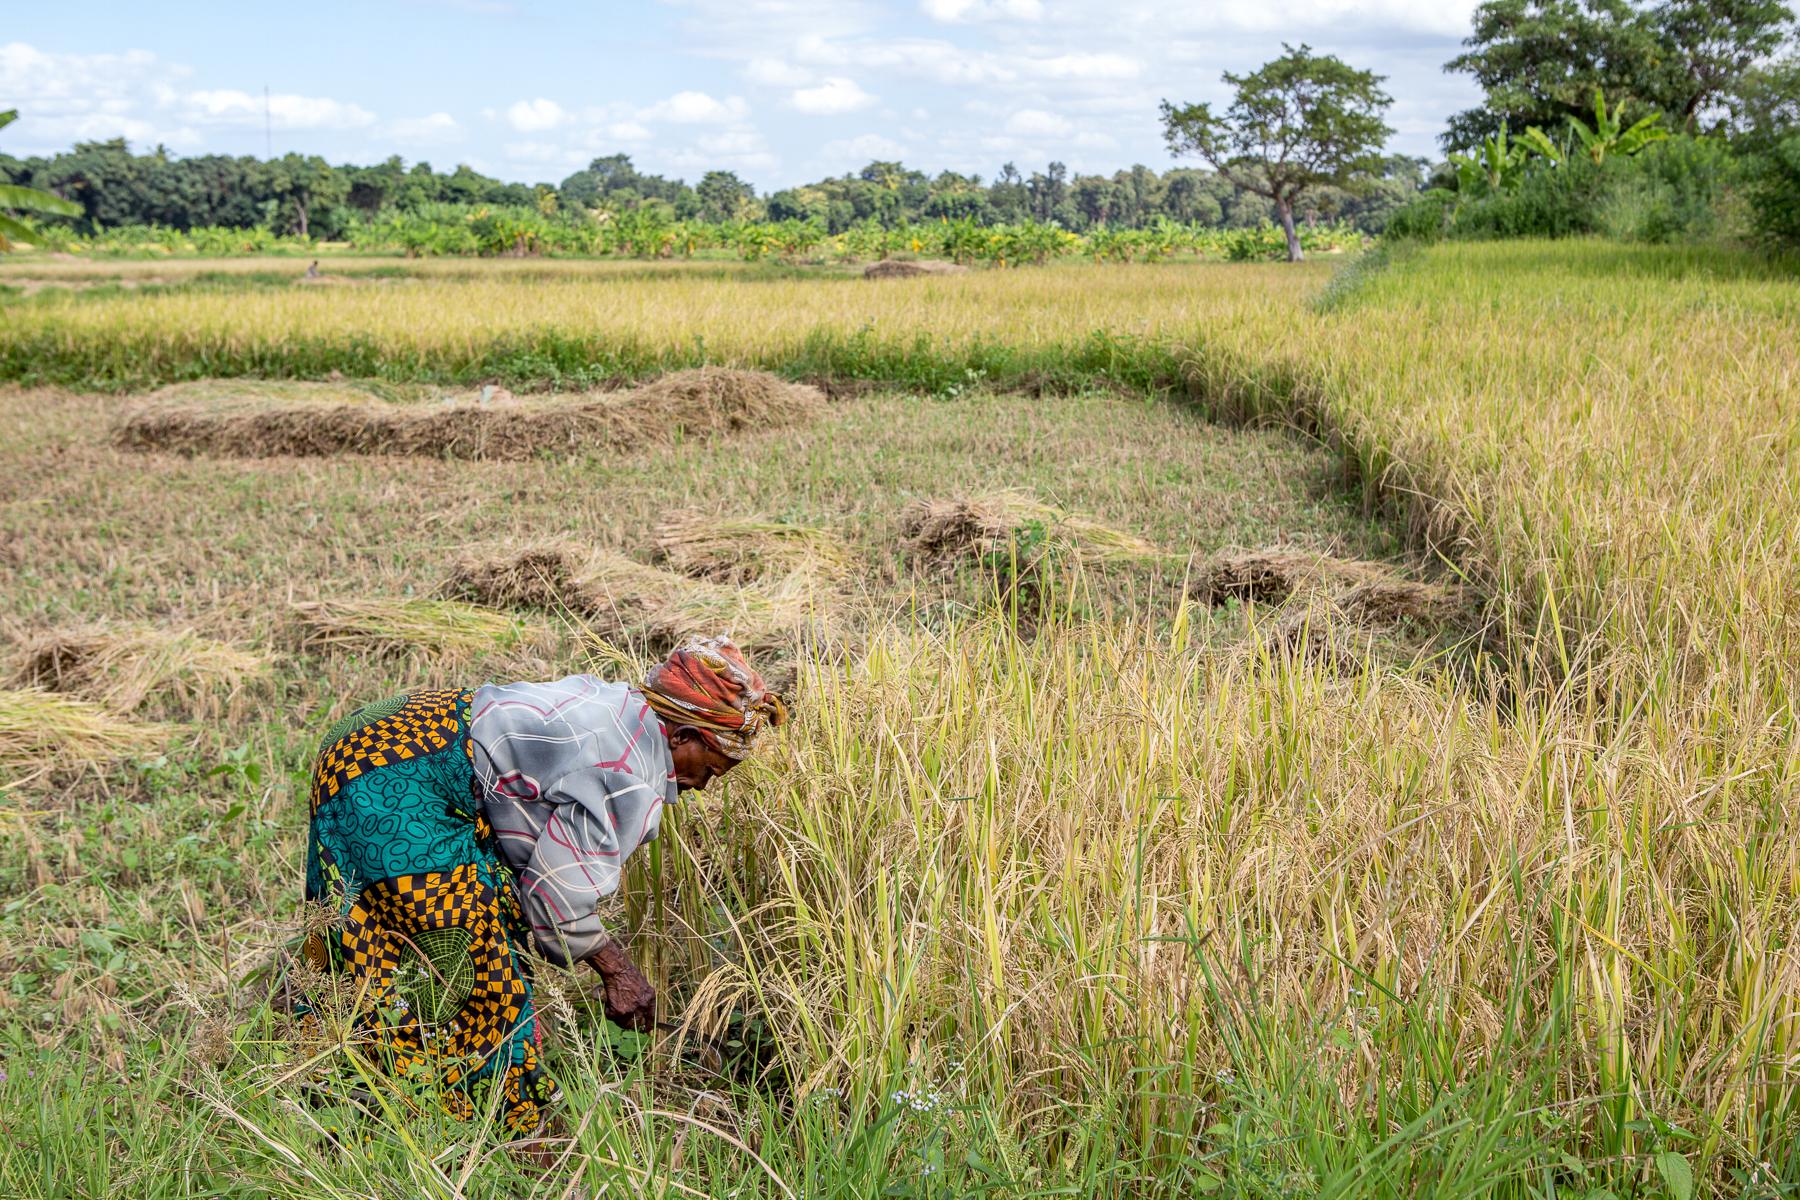 rice_fields_harvest_kikavu_tanzania